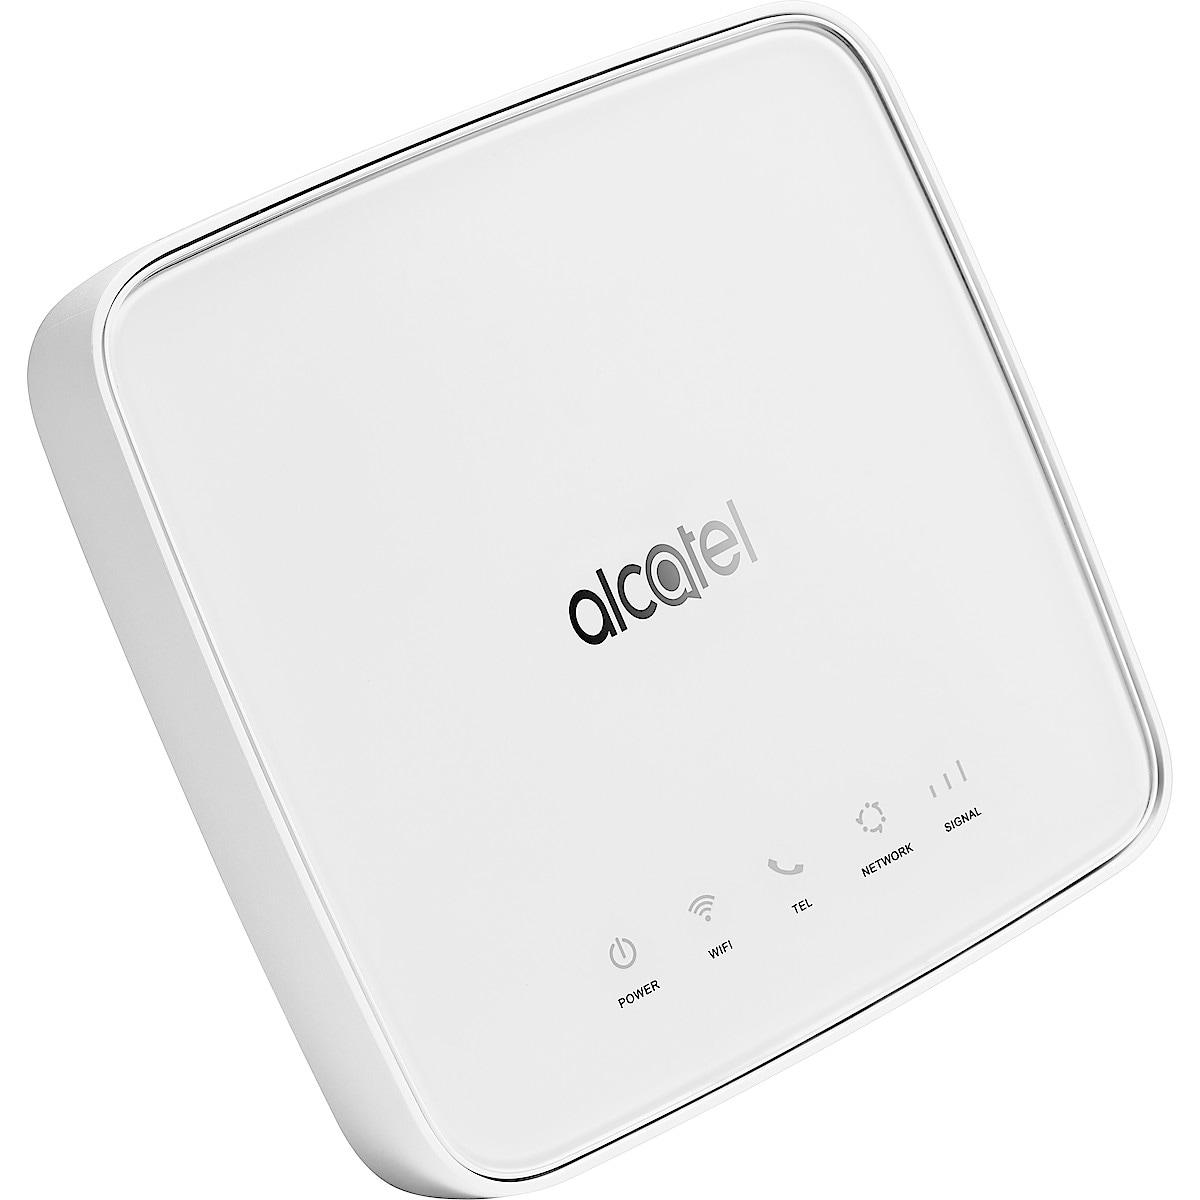 Trådlös router med 4G-modem Alcatel HH70